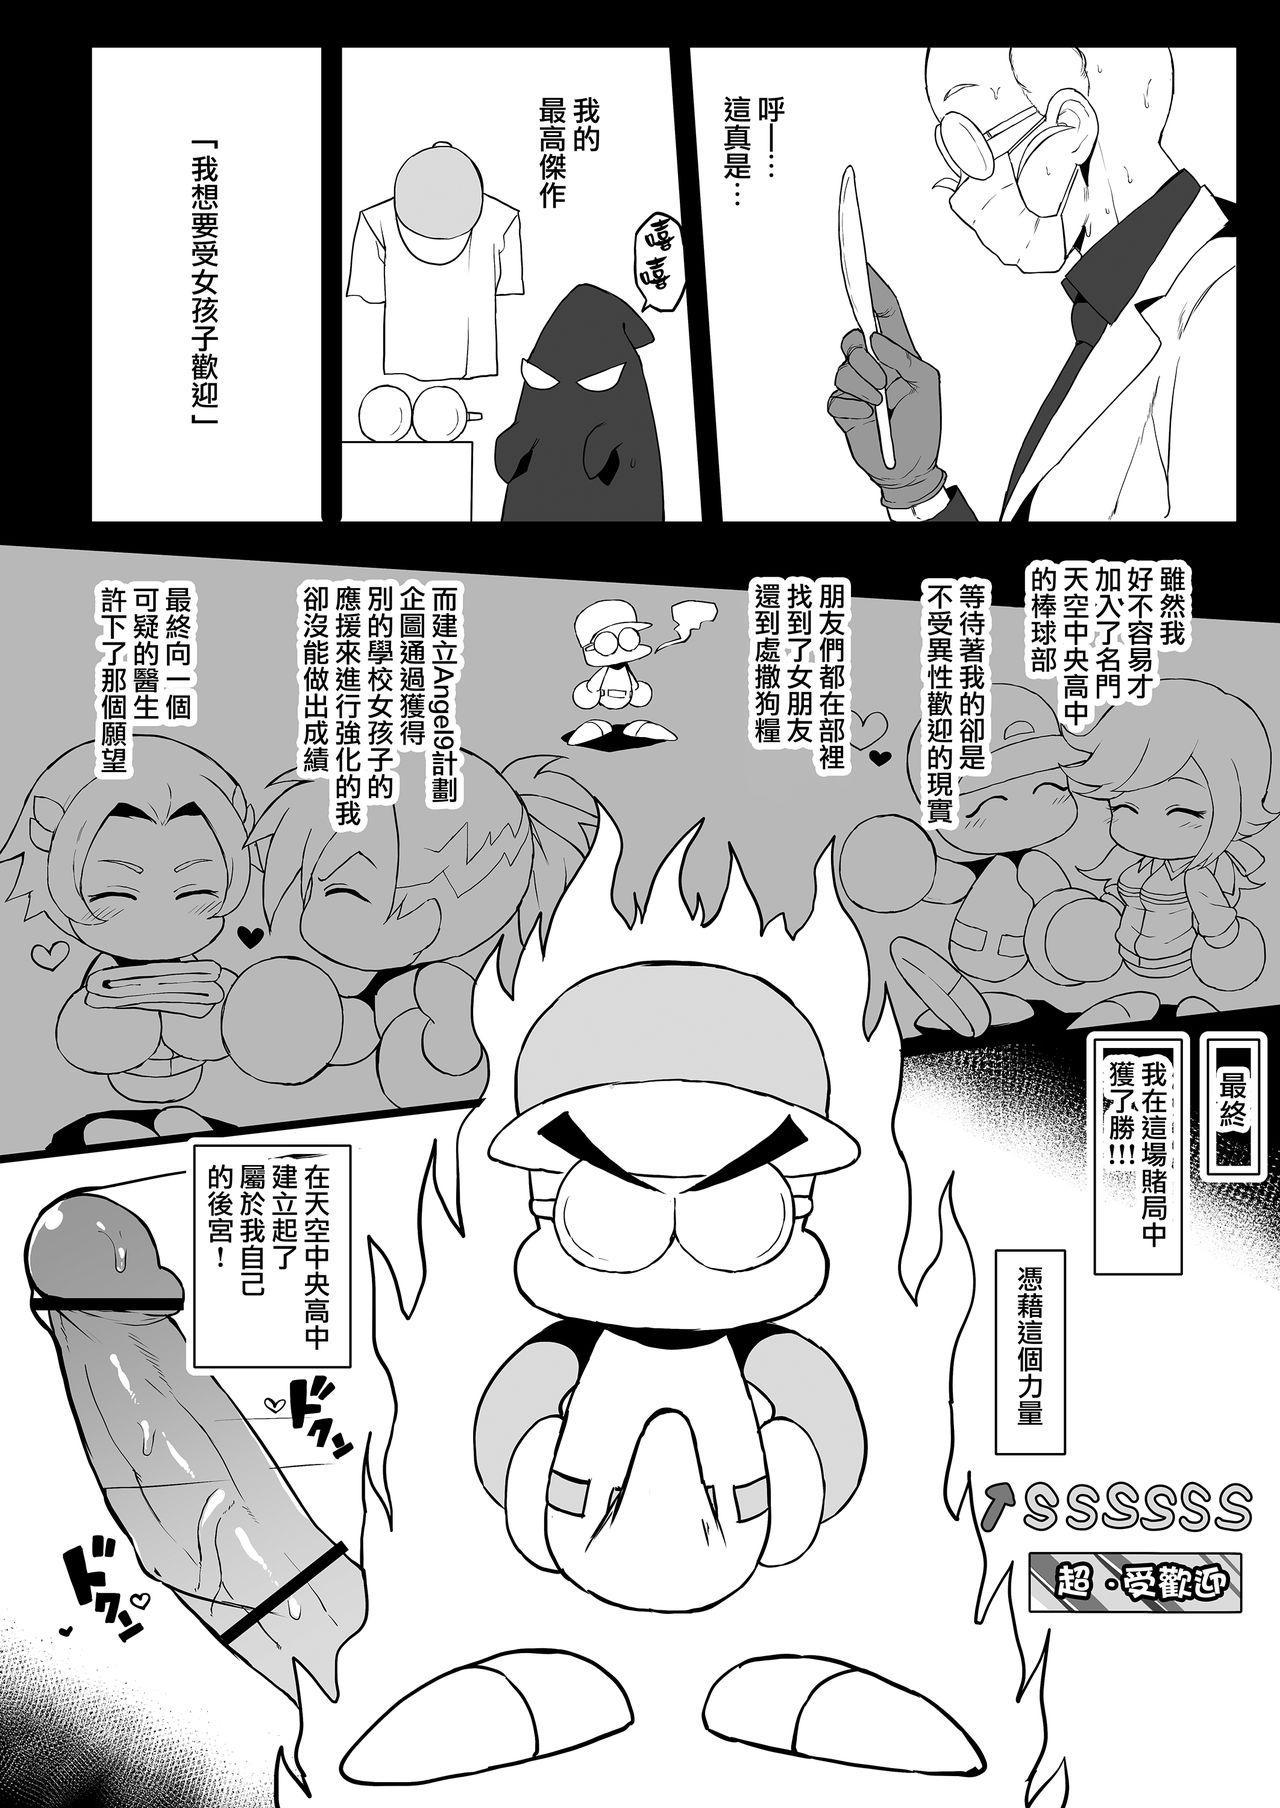 [Doushia (Terasu mc)] Tenkuu Chuuou no Yabe-kun ga Jitakou no Powerpro-kun no Kanojo o Netorimakuru Hanashi (Jikkyou Powerful Pro Yakyuu) [Chinese] [無邪気漢化組] 1